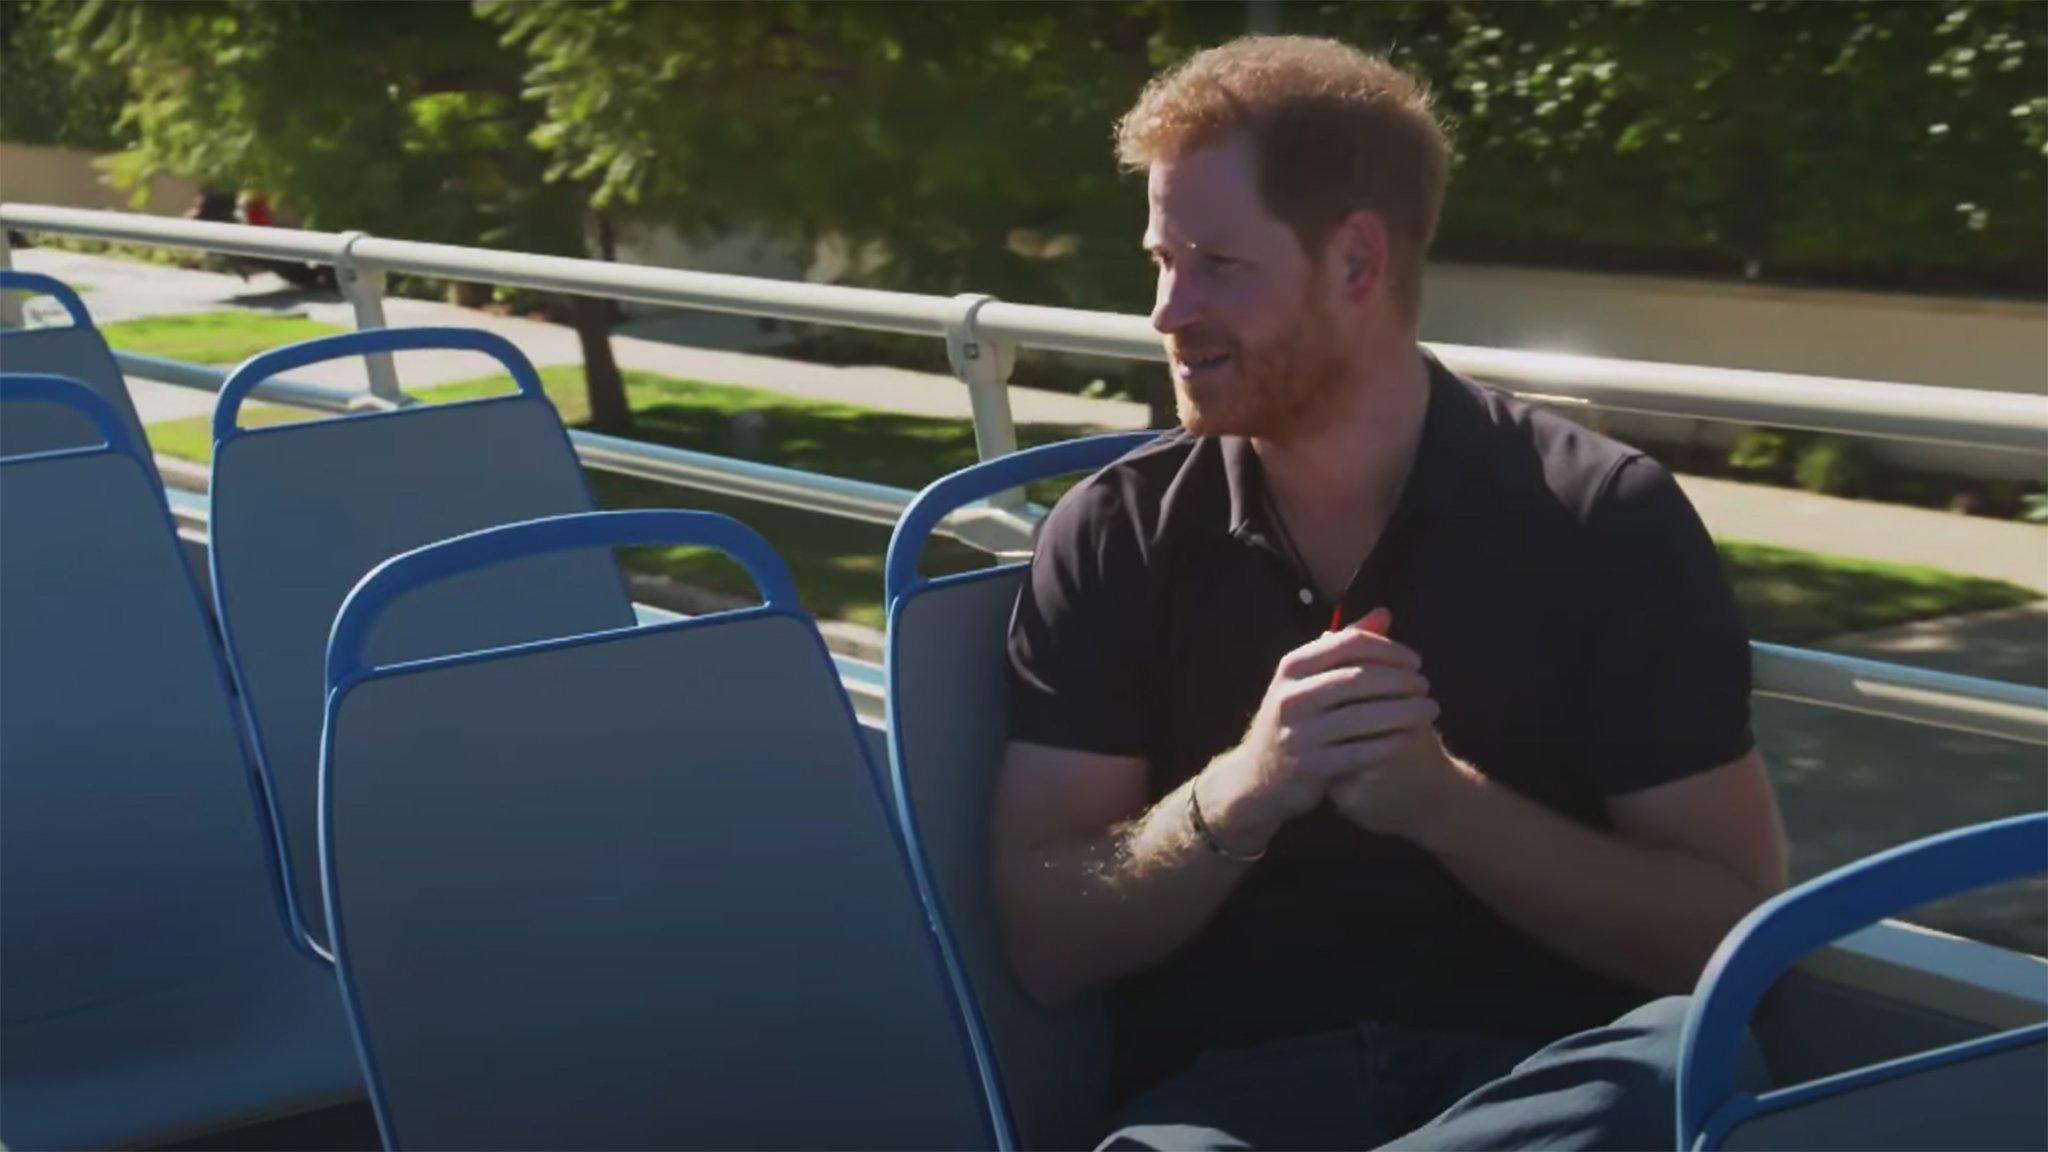 Prins Harry doet bijzondere onthullingen over zijn privéleven - RTL Nieuws